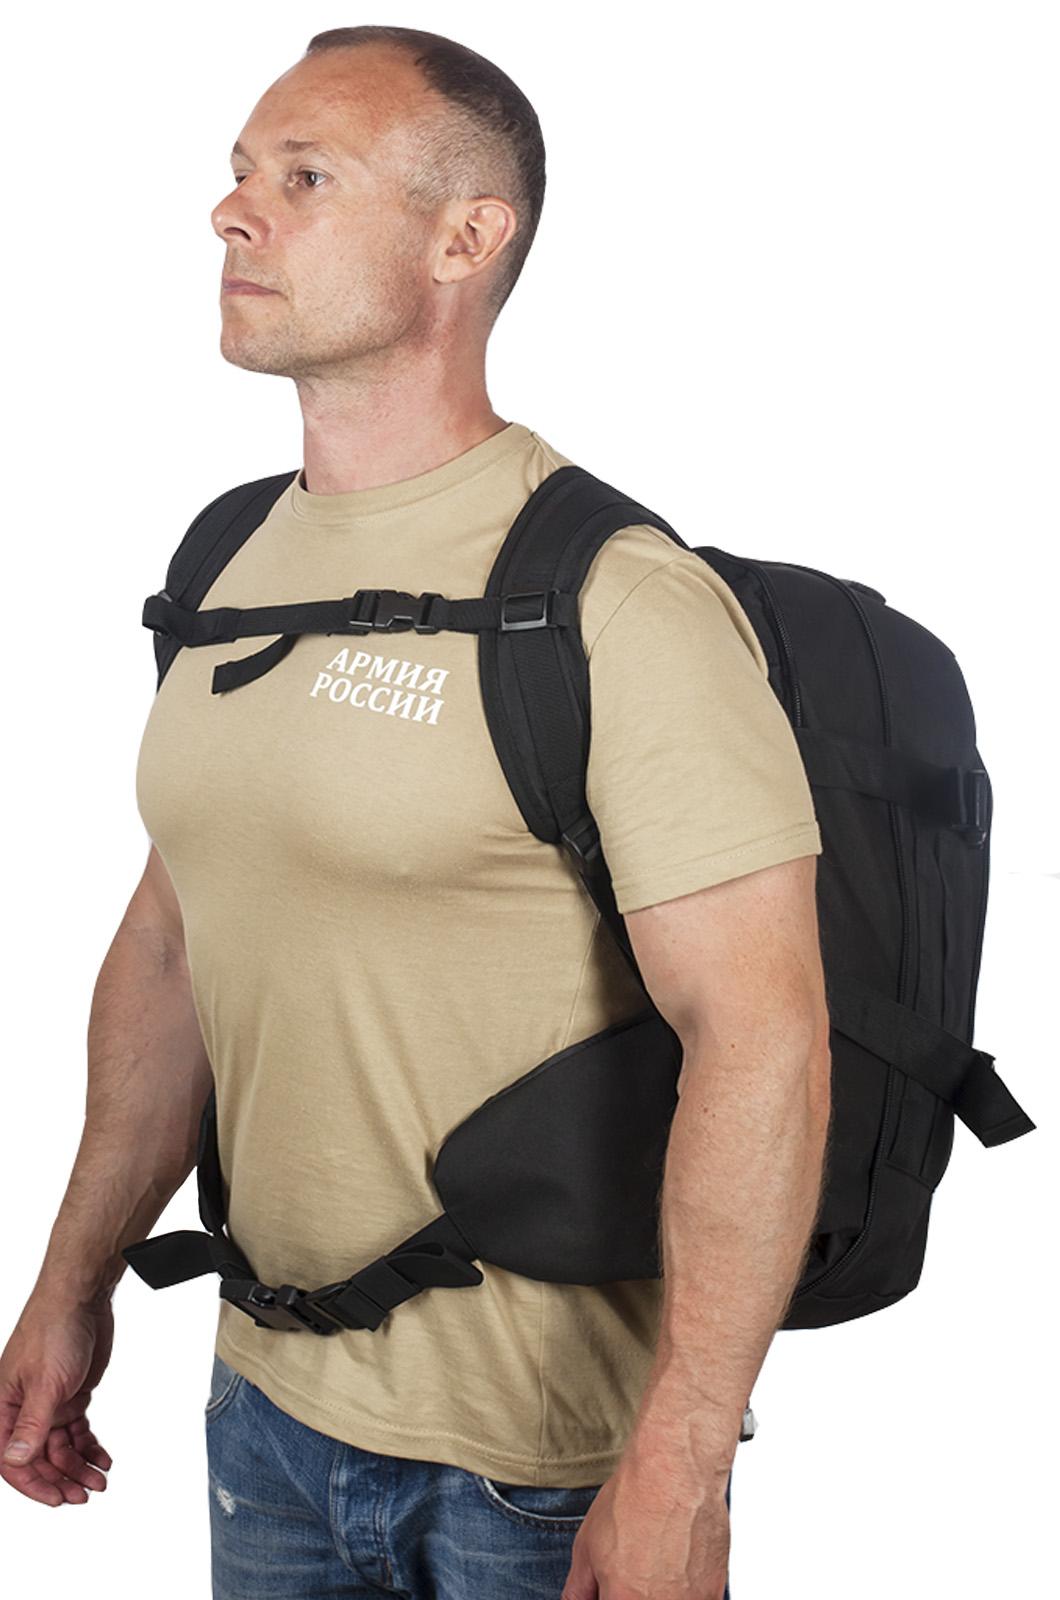 Черный армейский рюкзак с эмблемой МВД России купить в подарок